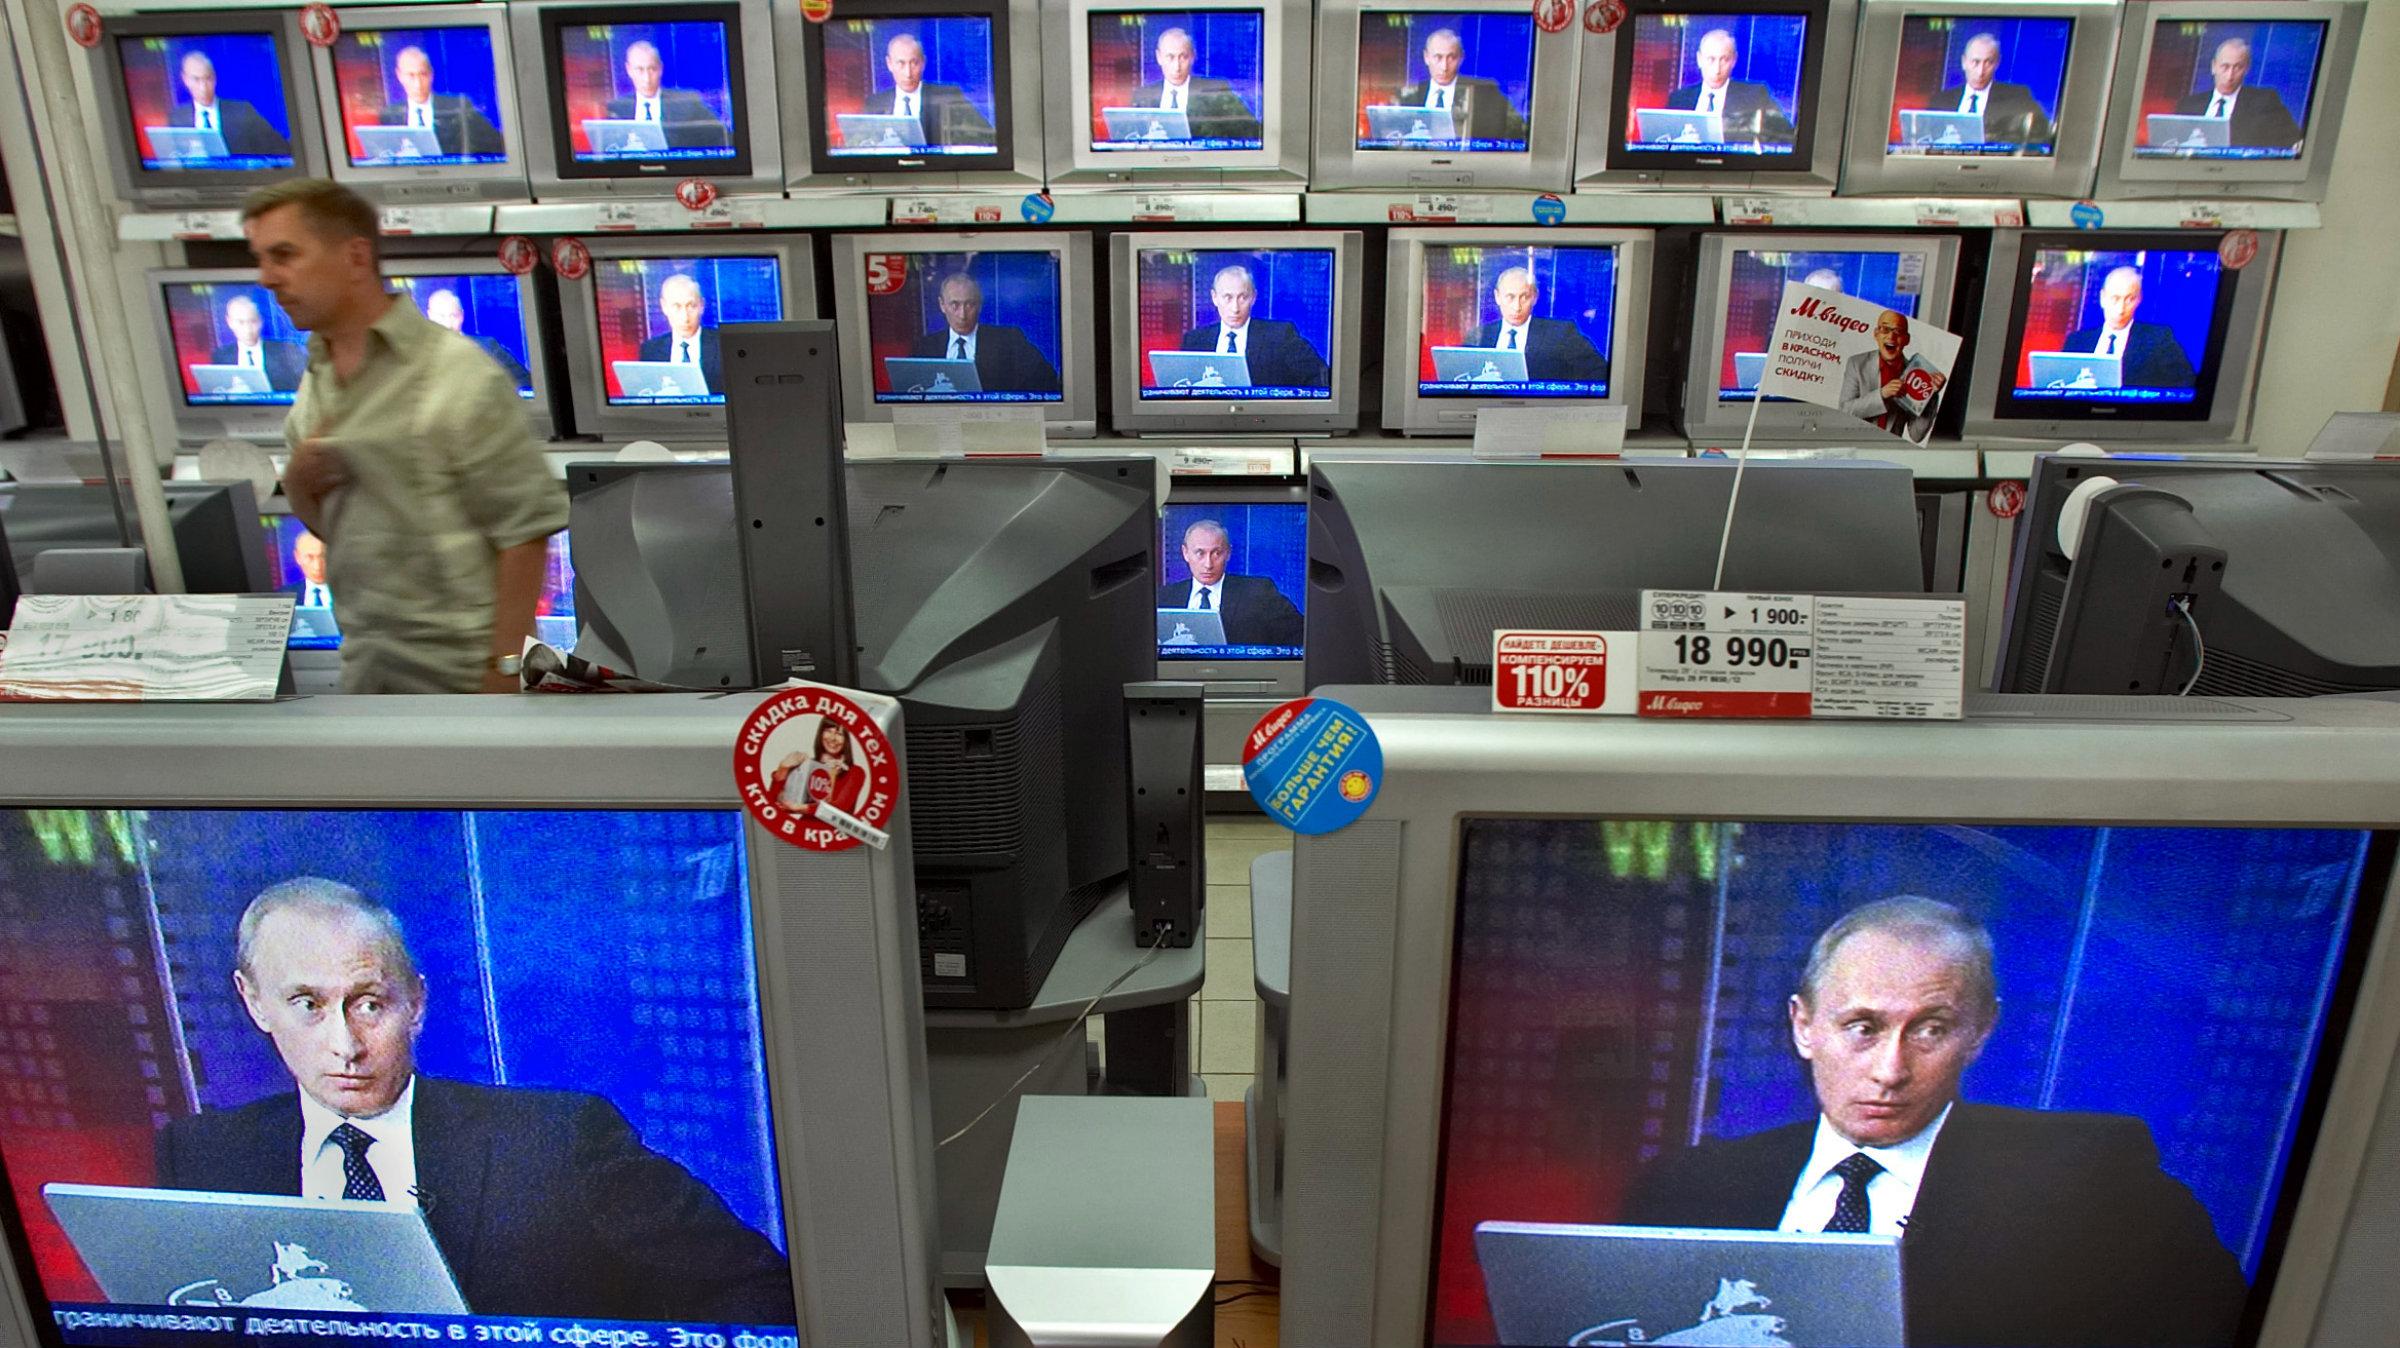 Vladimir Vladimirovich is watching.